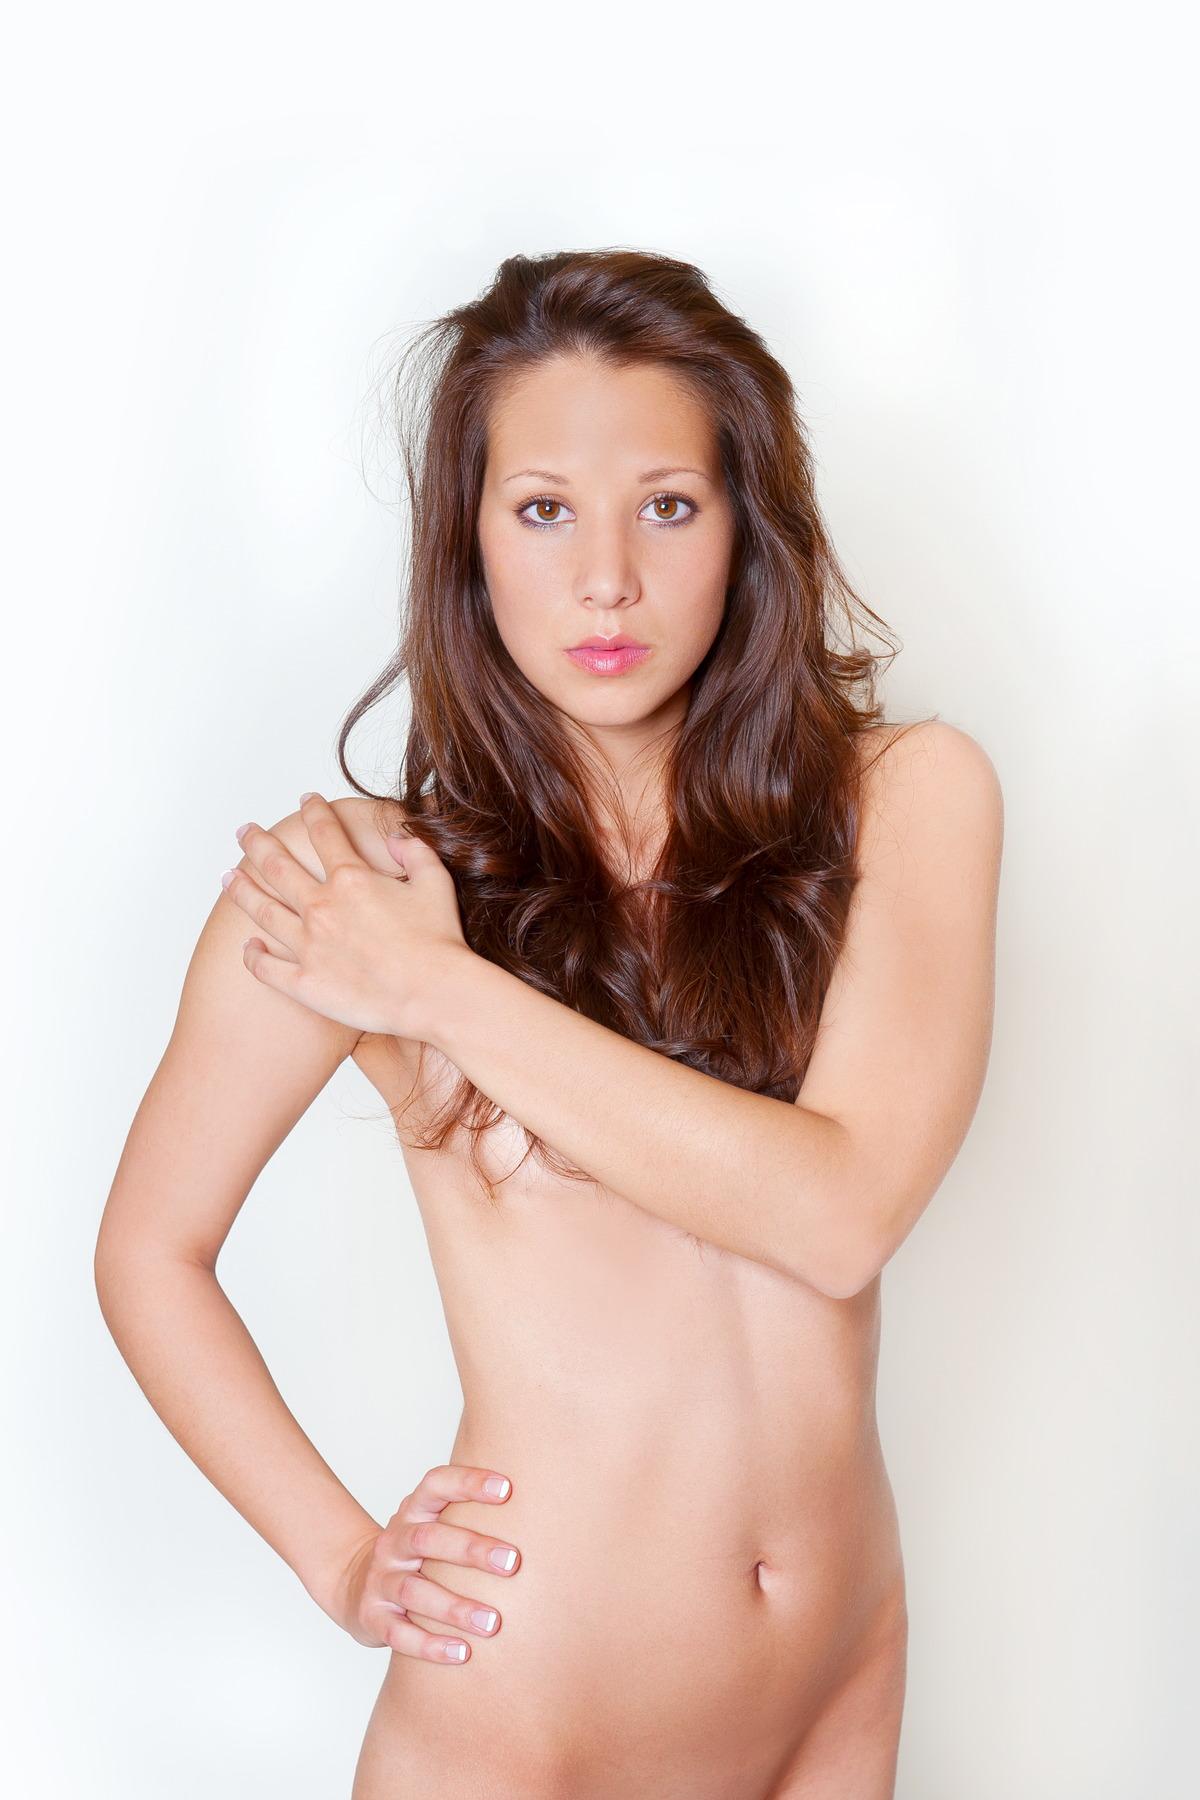 Sexy Girl ist überrascht